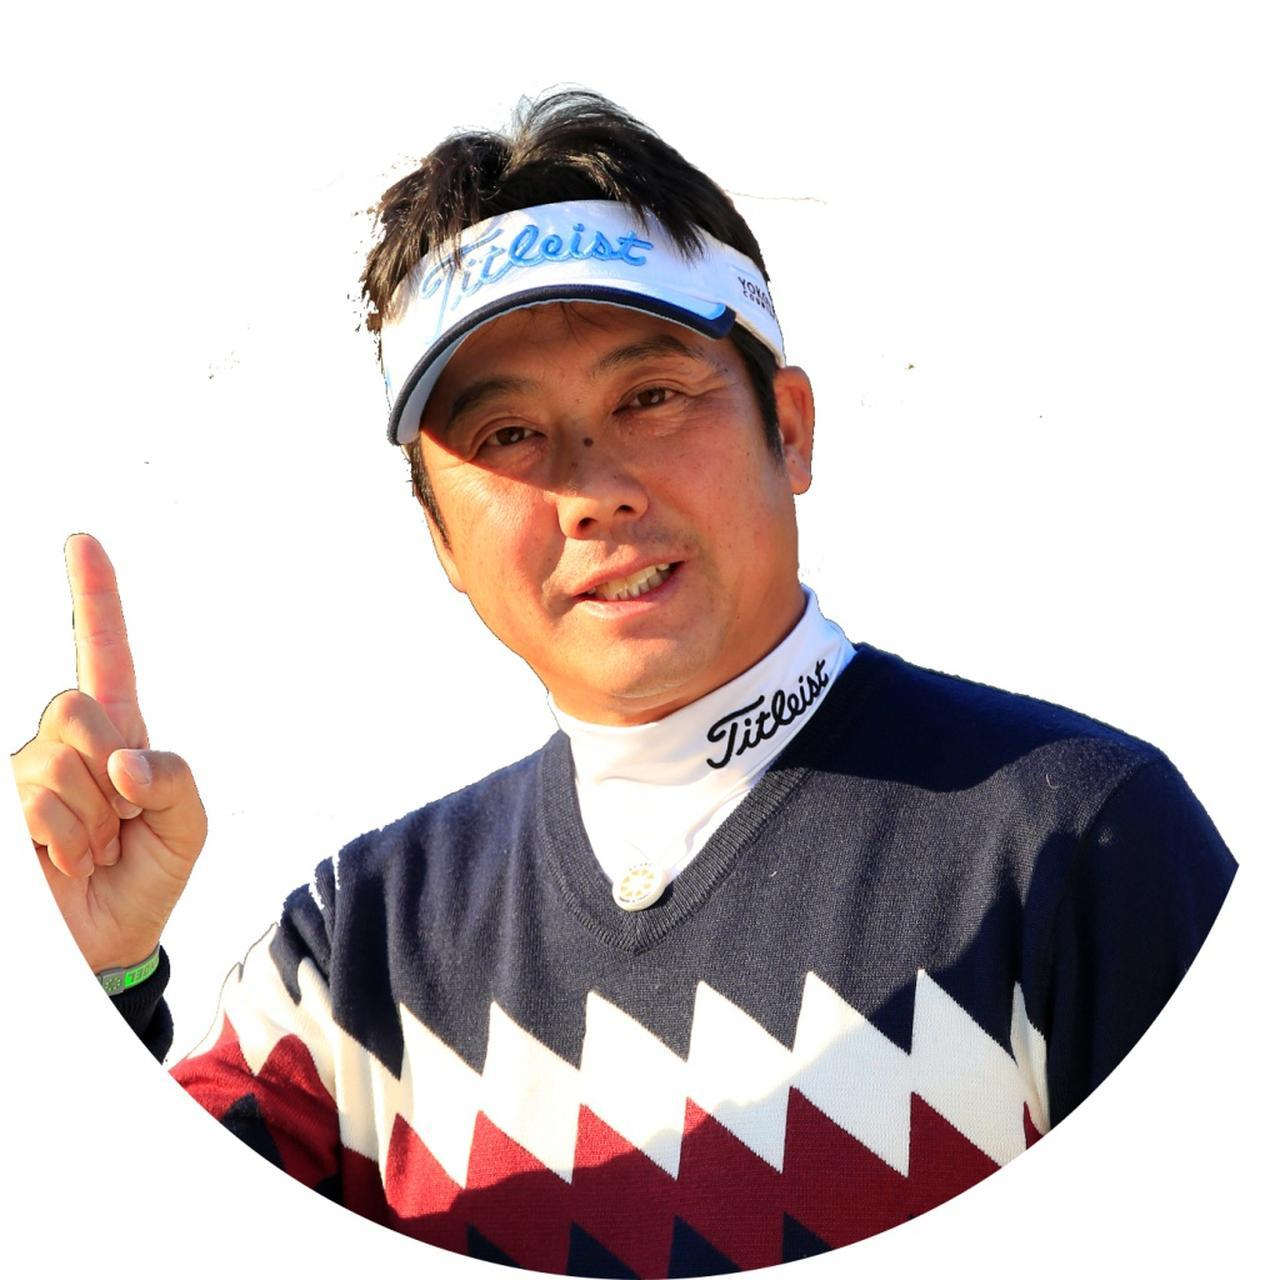 画像: 【指導】野仲 茂プロ のなかしげる。1970年神奈川県生まれ。92年にプロ転向。10年に関西オープンで優勝するなどシード選手として活躍。横浜CC所属